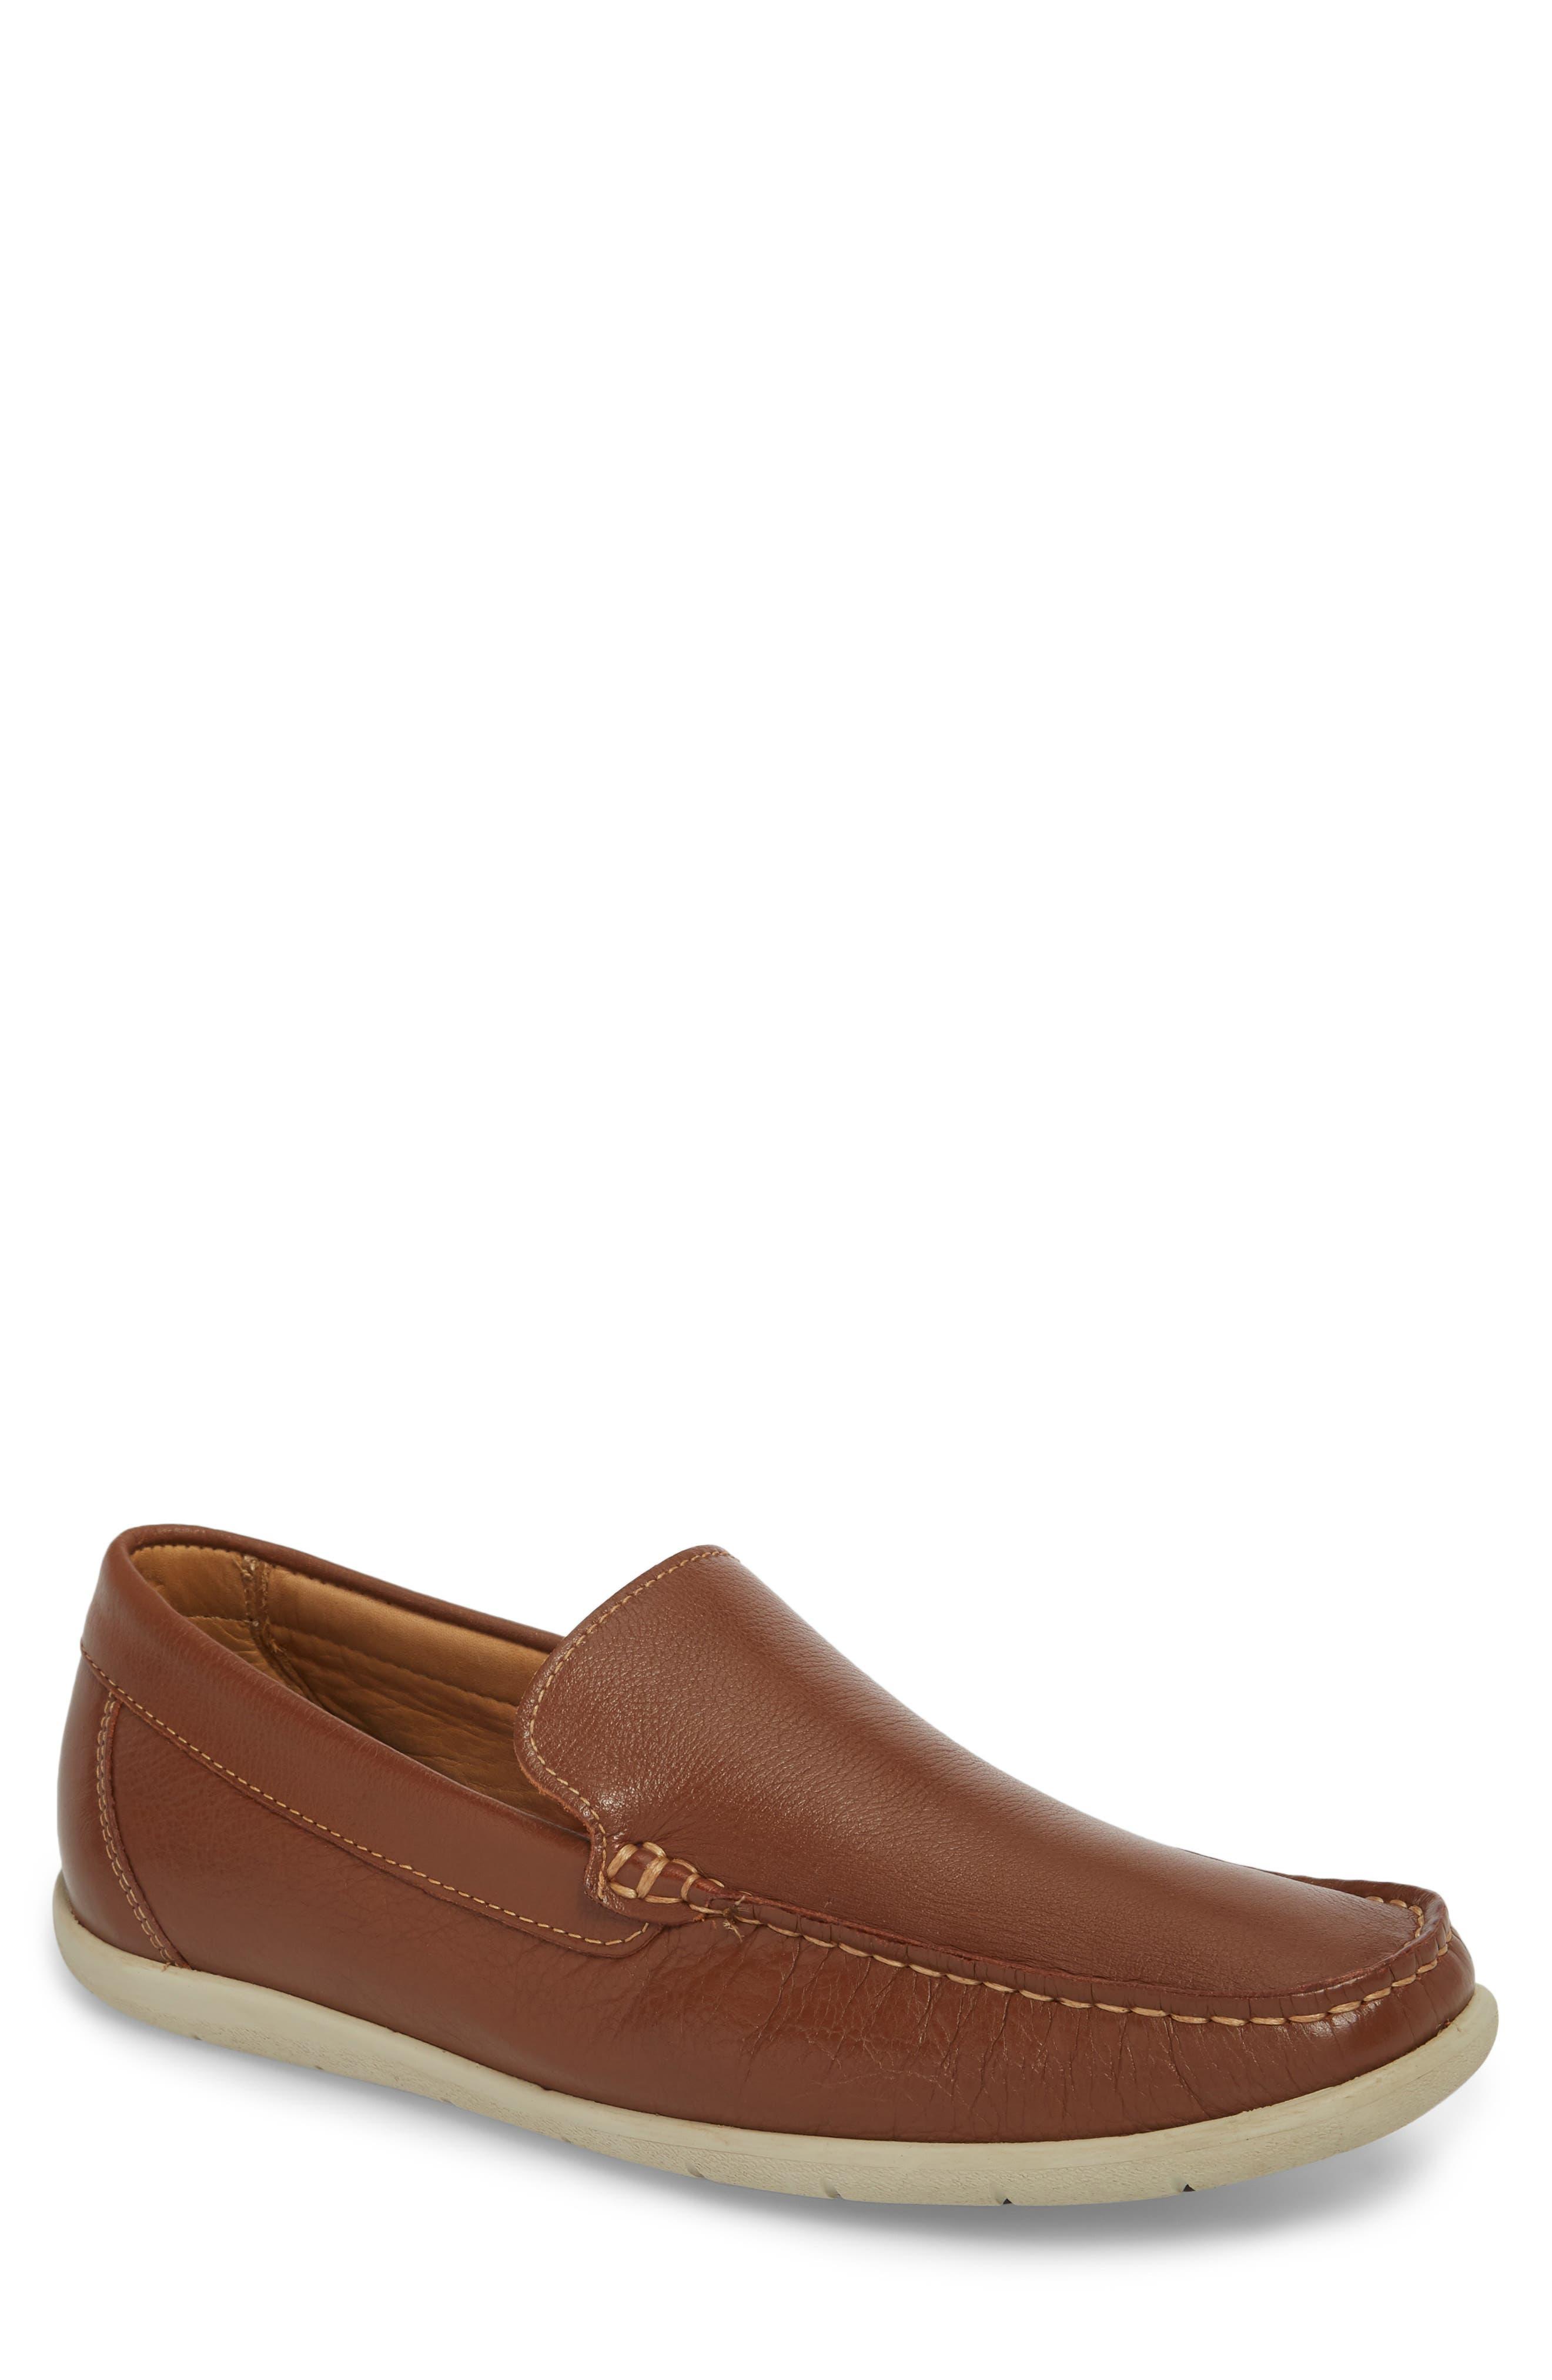 Calistoga Loafer,                         Main,                         color, 235